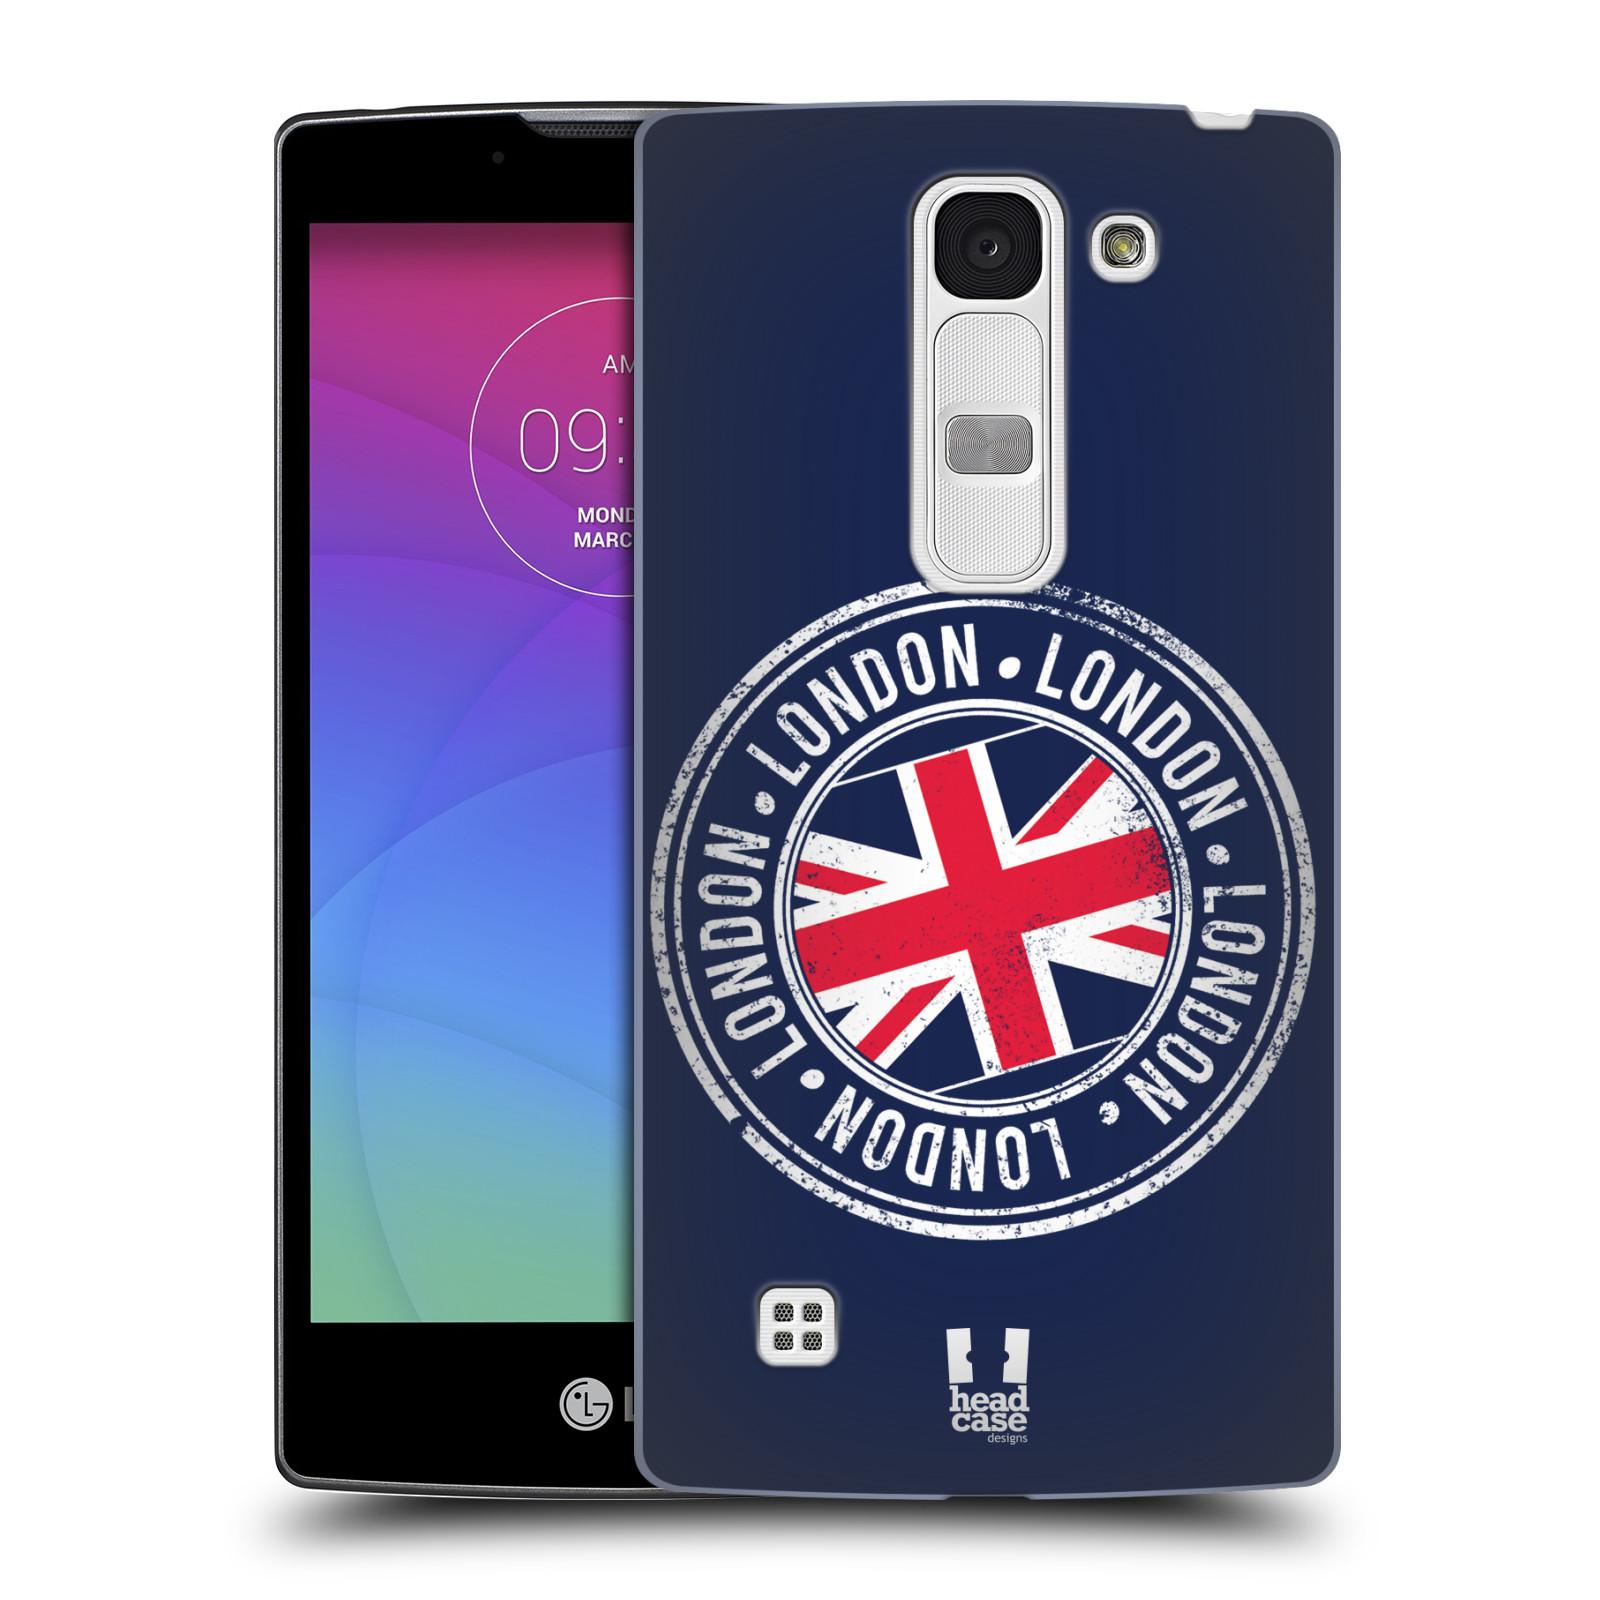 Plastové pouzdro na mobil LG Spirit LTE HEAD CASE LONDON STAMP (Kryt či obal na mobilní telefon LG Spirit H420 a LG Spirit LTE H440N)